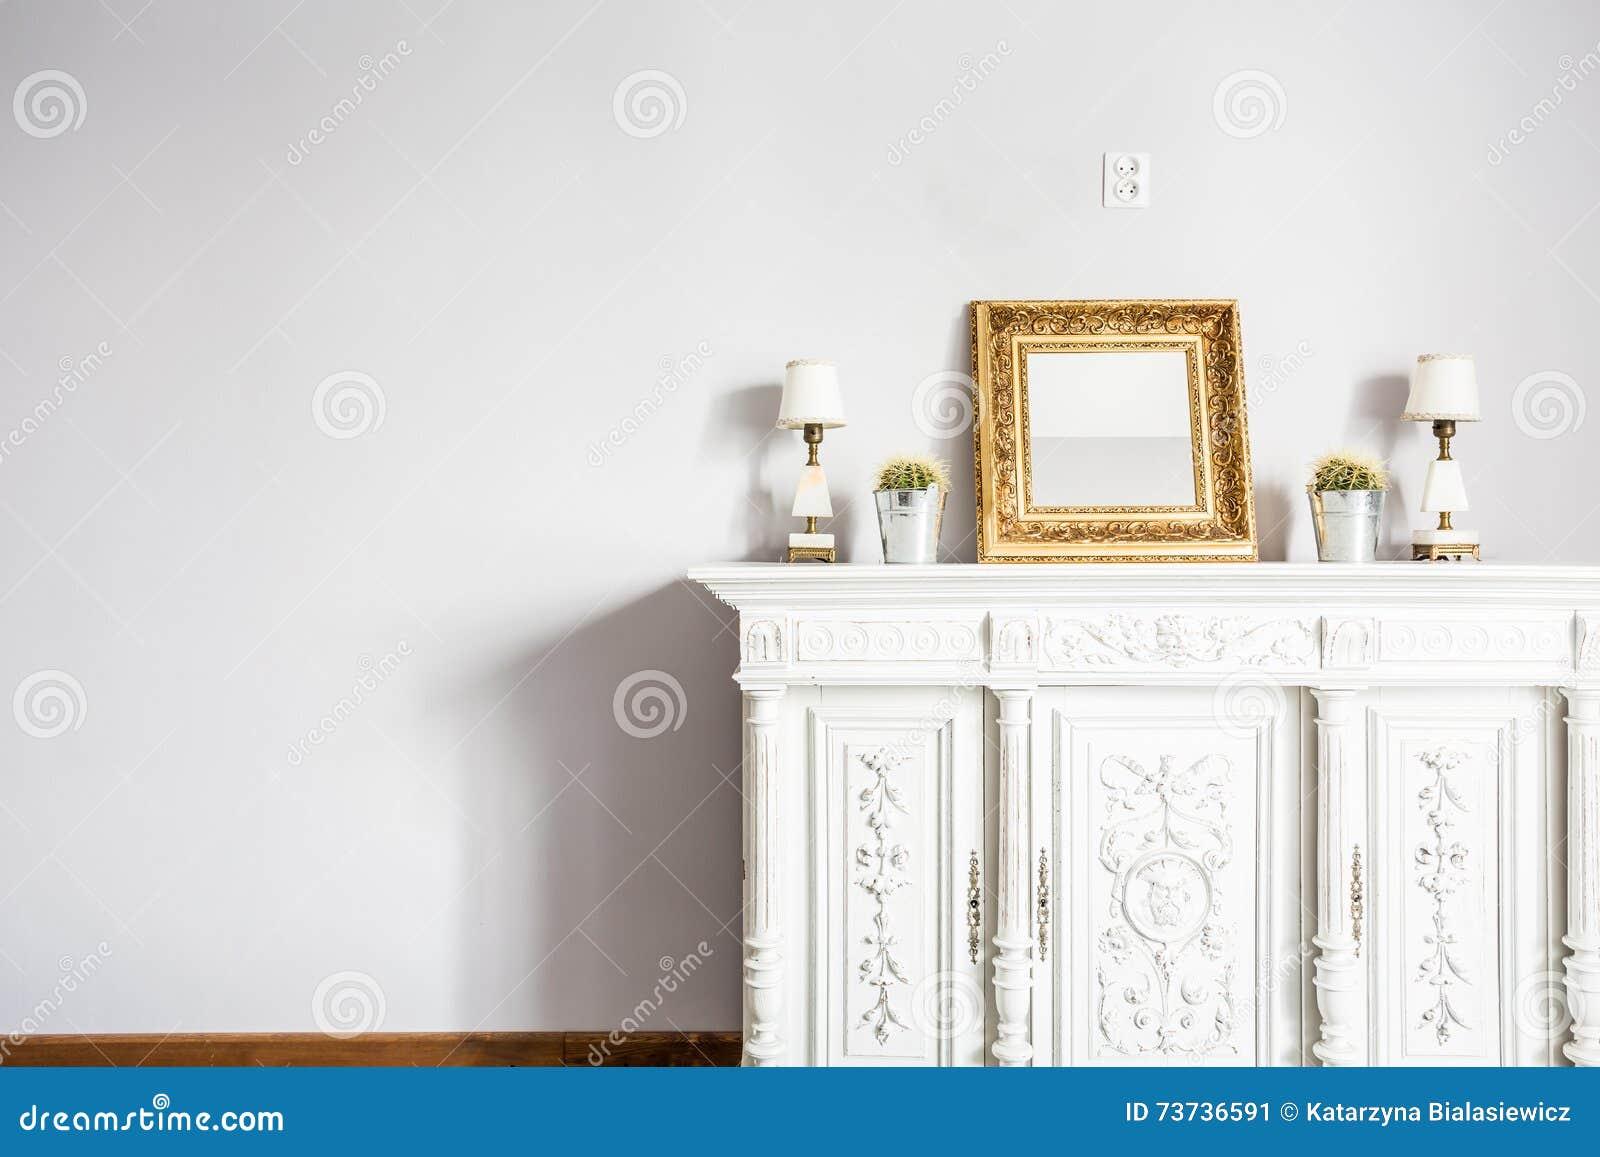 Hoch entwickelte Schönheit des antiken Möbelstücks